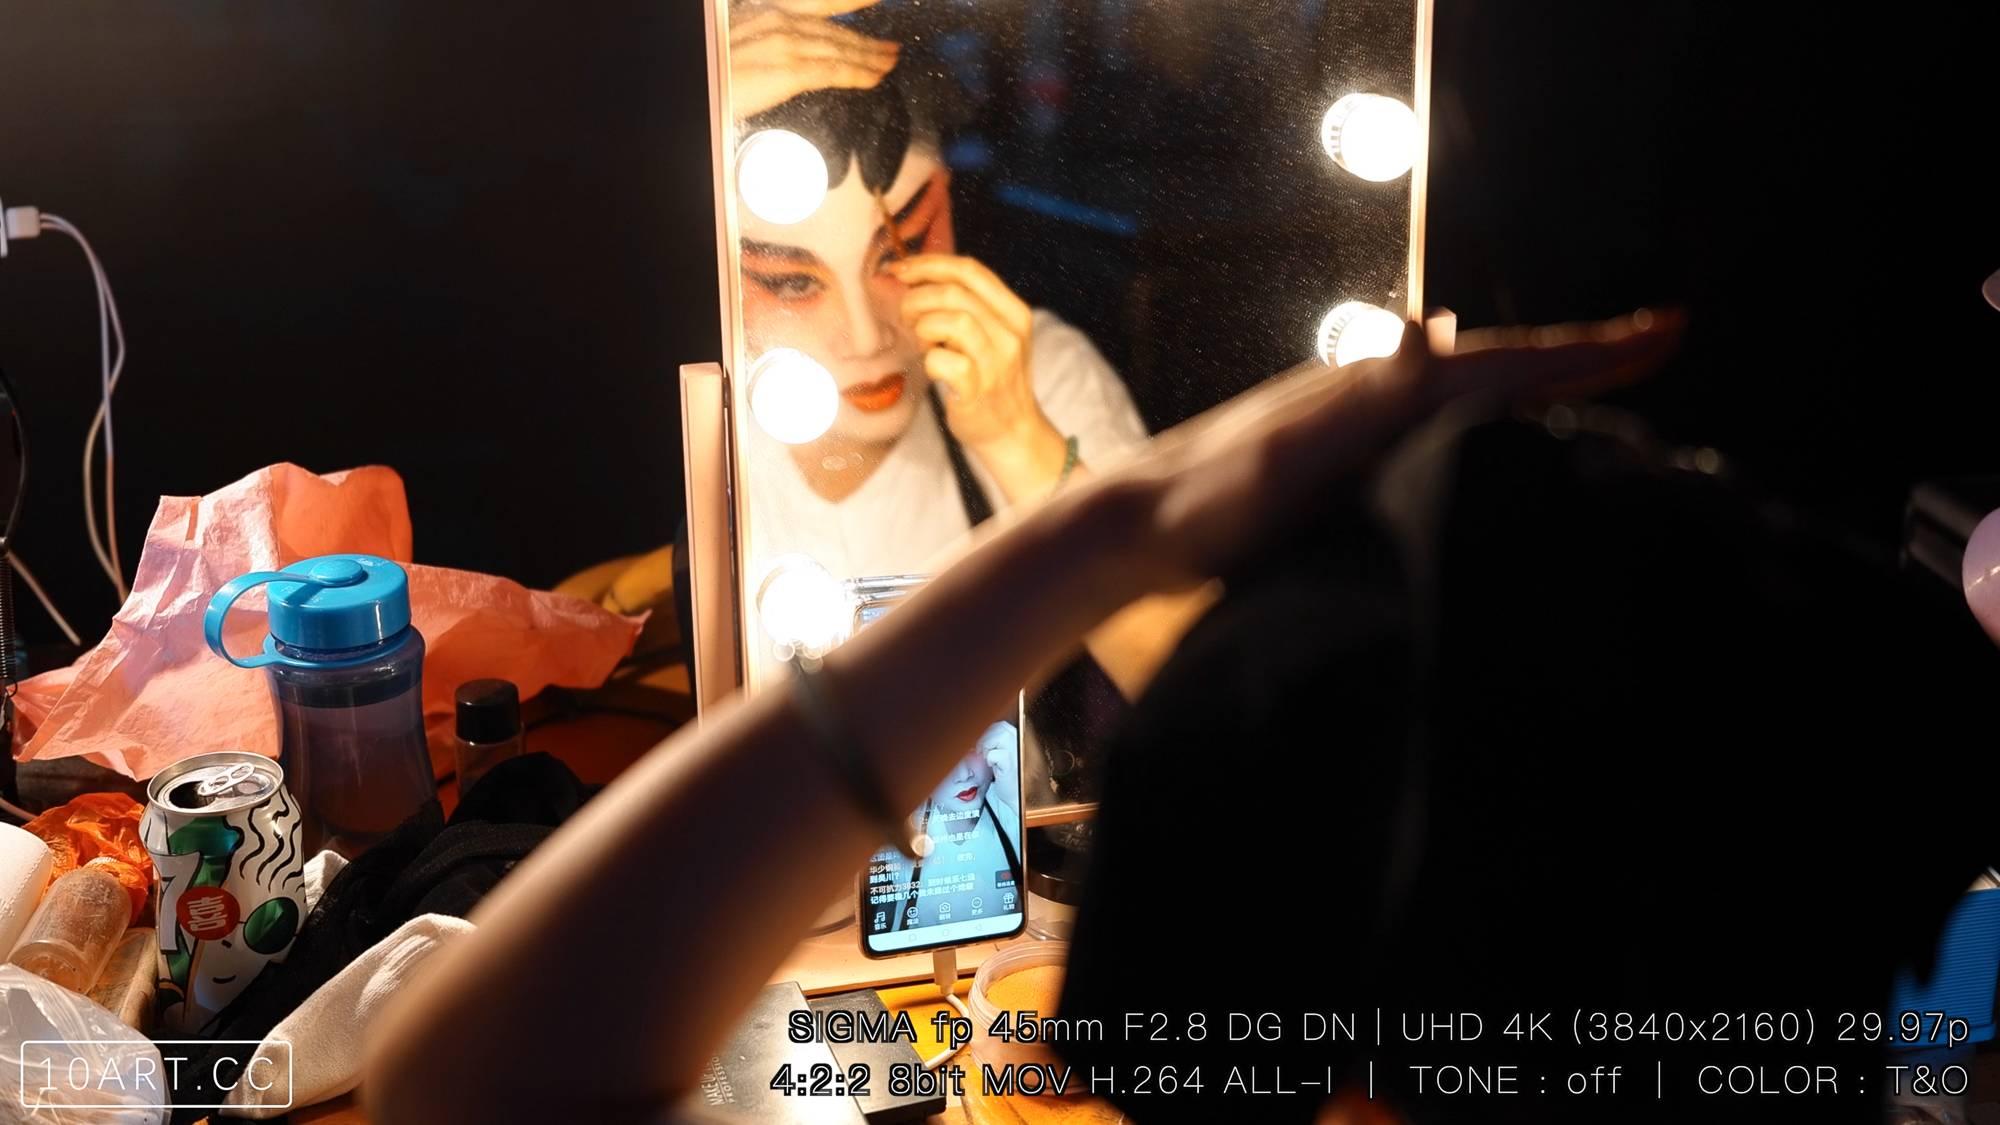 simga-fp-test-video-0008